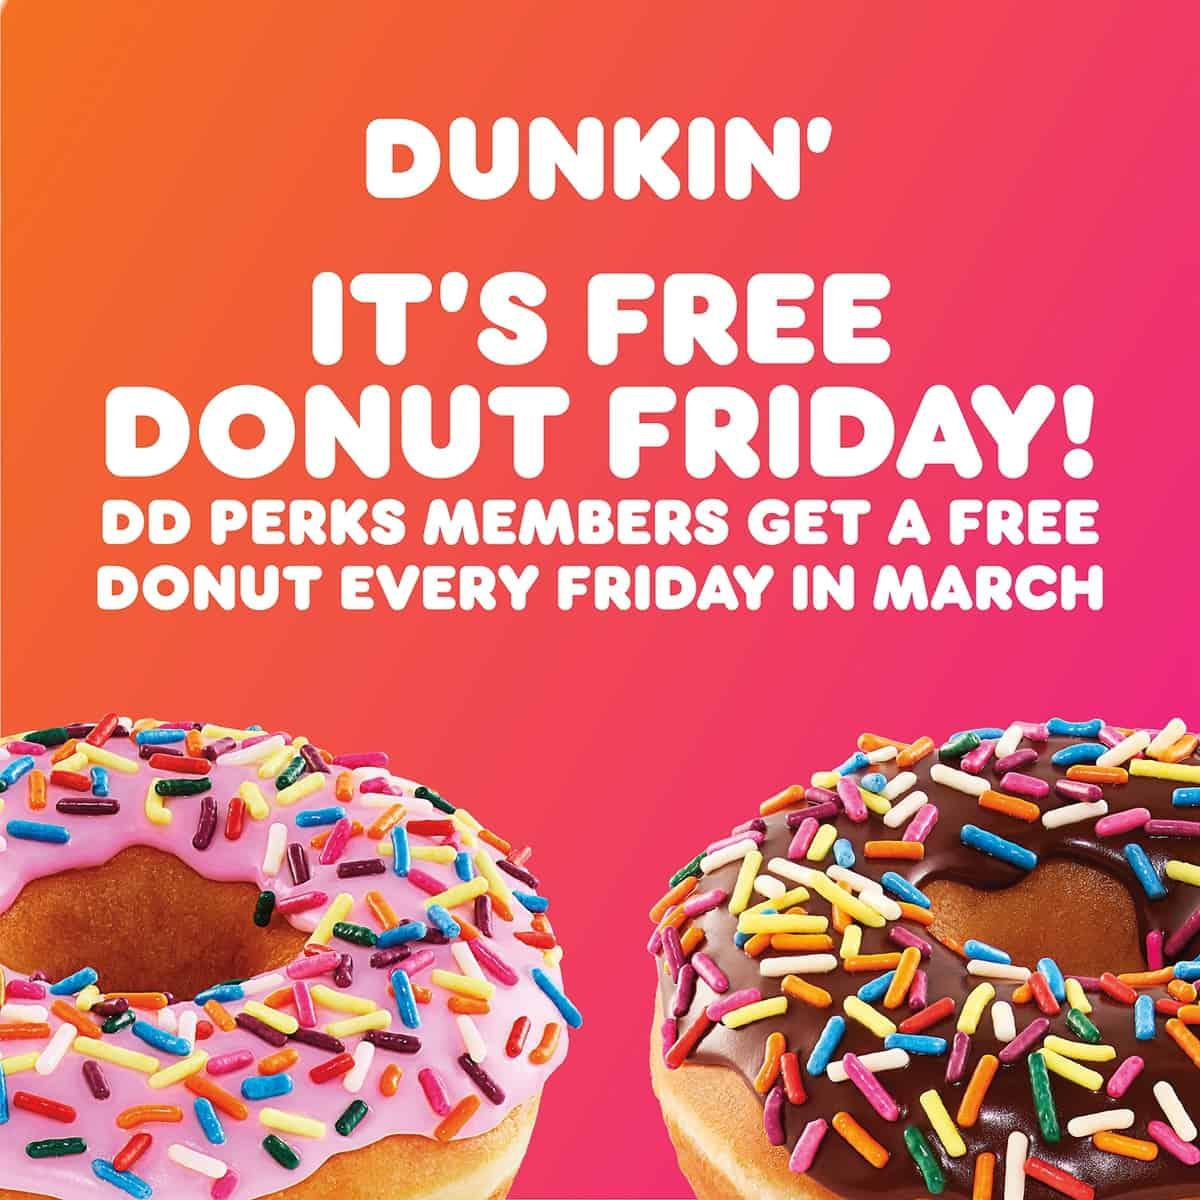 Free_Donut_Fridays_Dunkin_Donuts